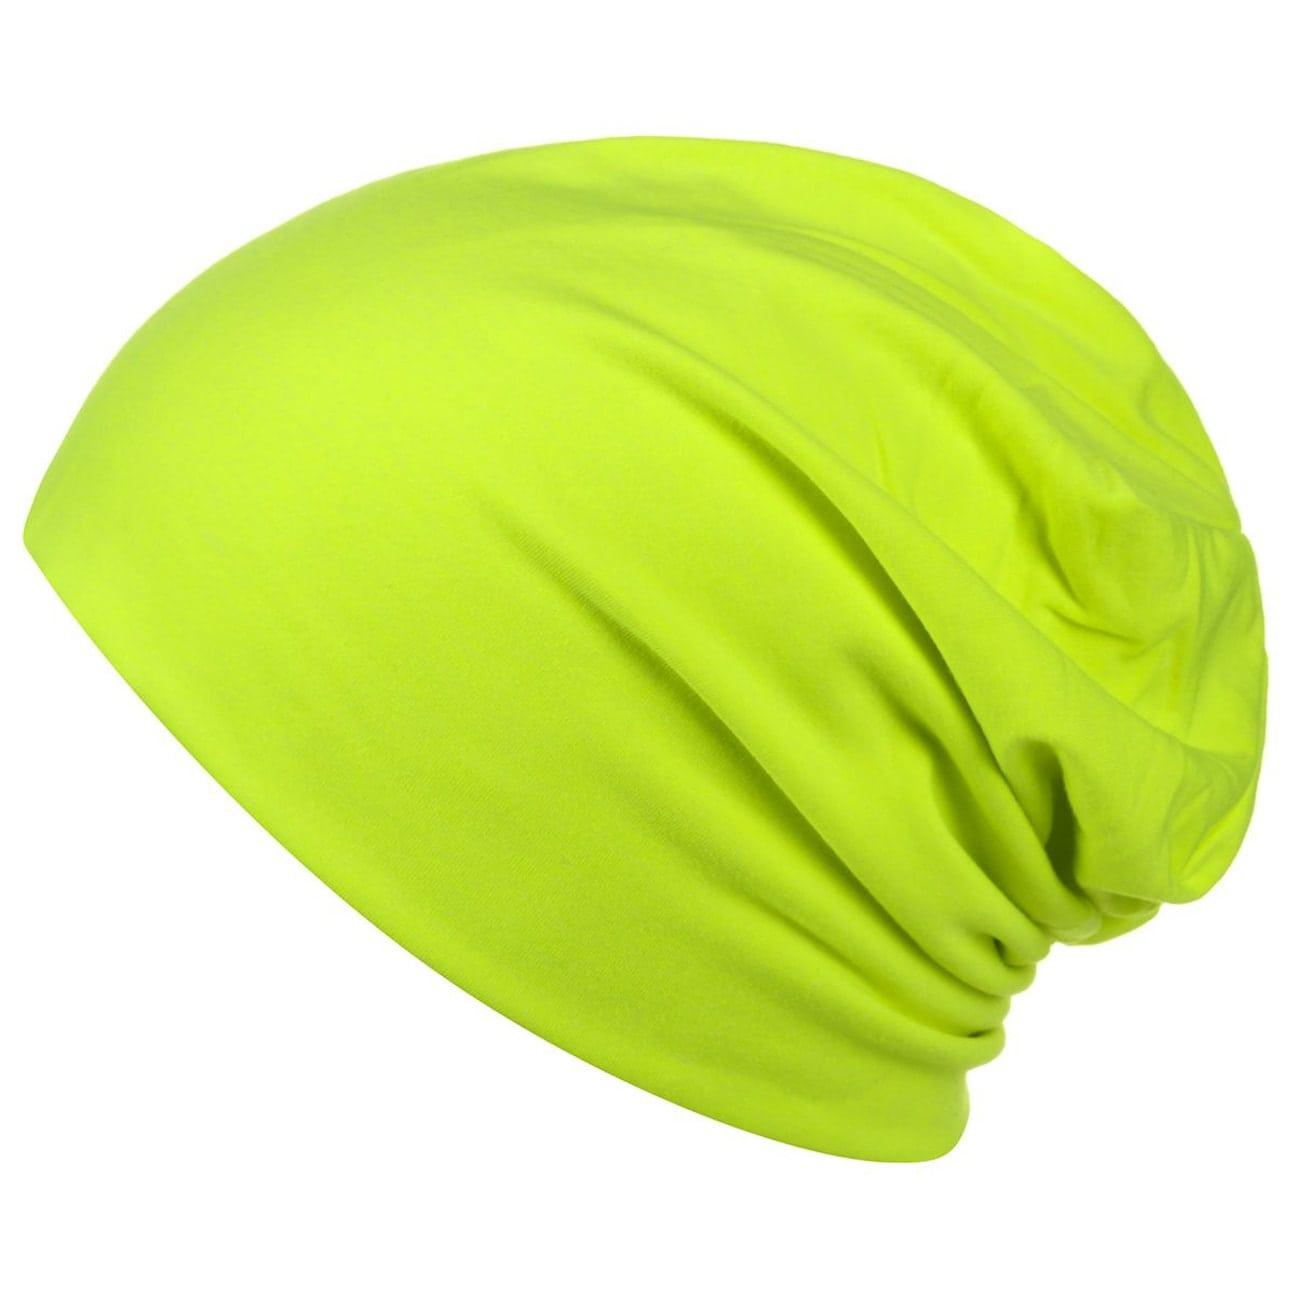 ... Denver Berretto Jersey Oversize - giallo neon 1 ... 98b92375dccd